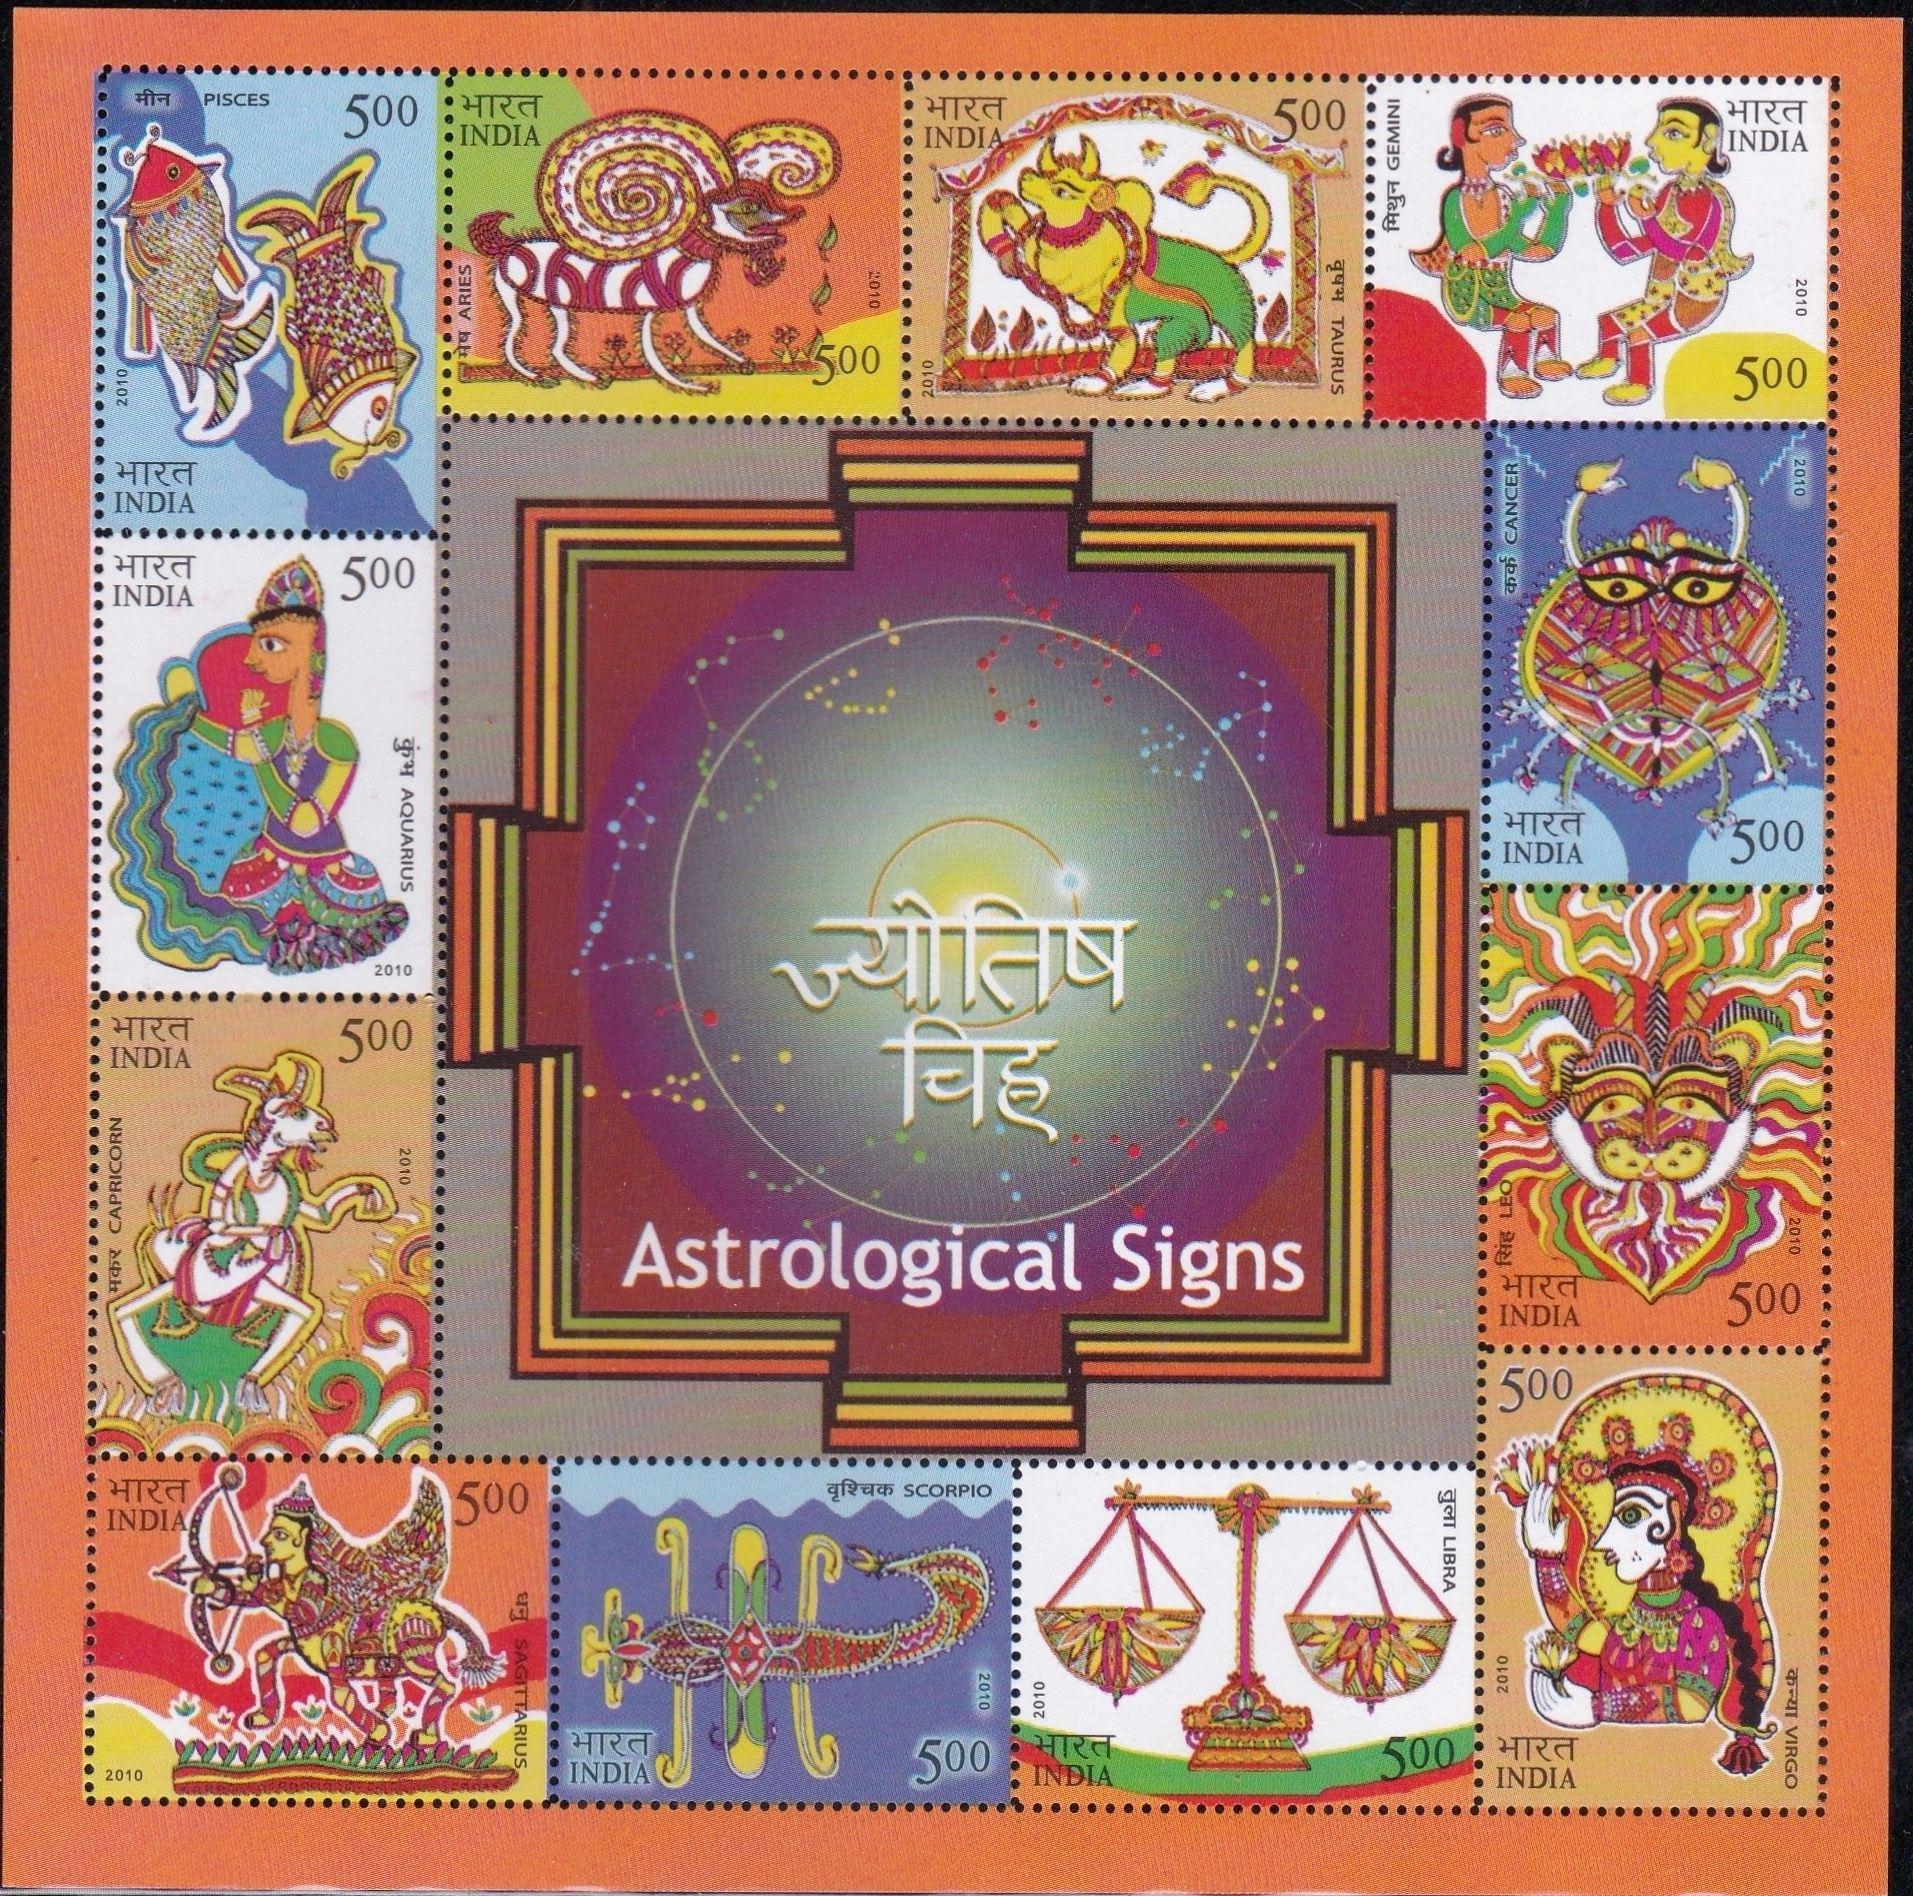 Indian Calendar Zodiac Signs In 2020 | Zodiac Signs Calendar Indian Calendar Zodiac Signs